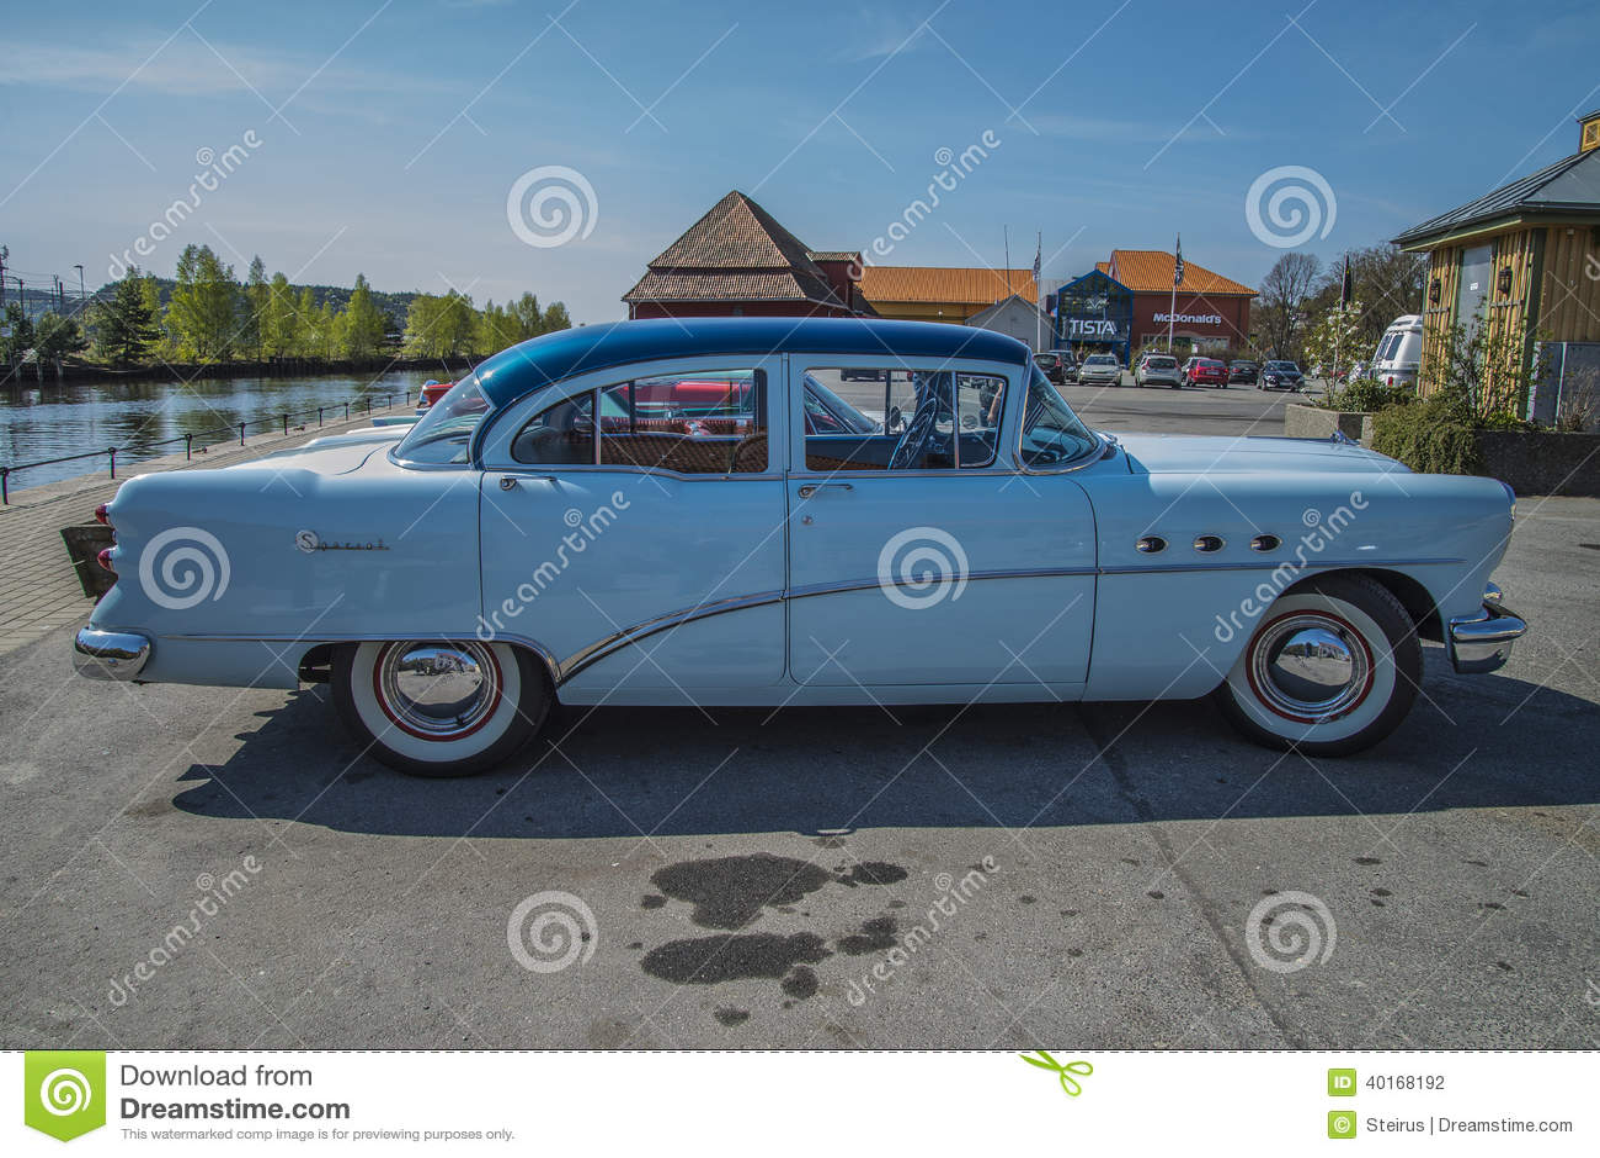 1954 Buick Special 4 Door Sedan Editorial Photography Image Of Wildcat Ii Concept Download Darkblue Transportation